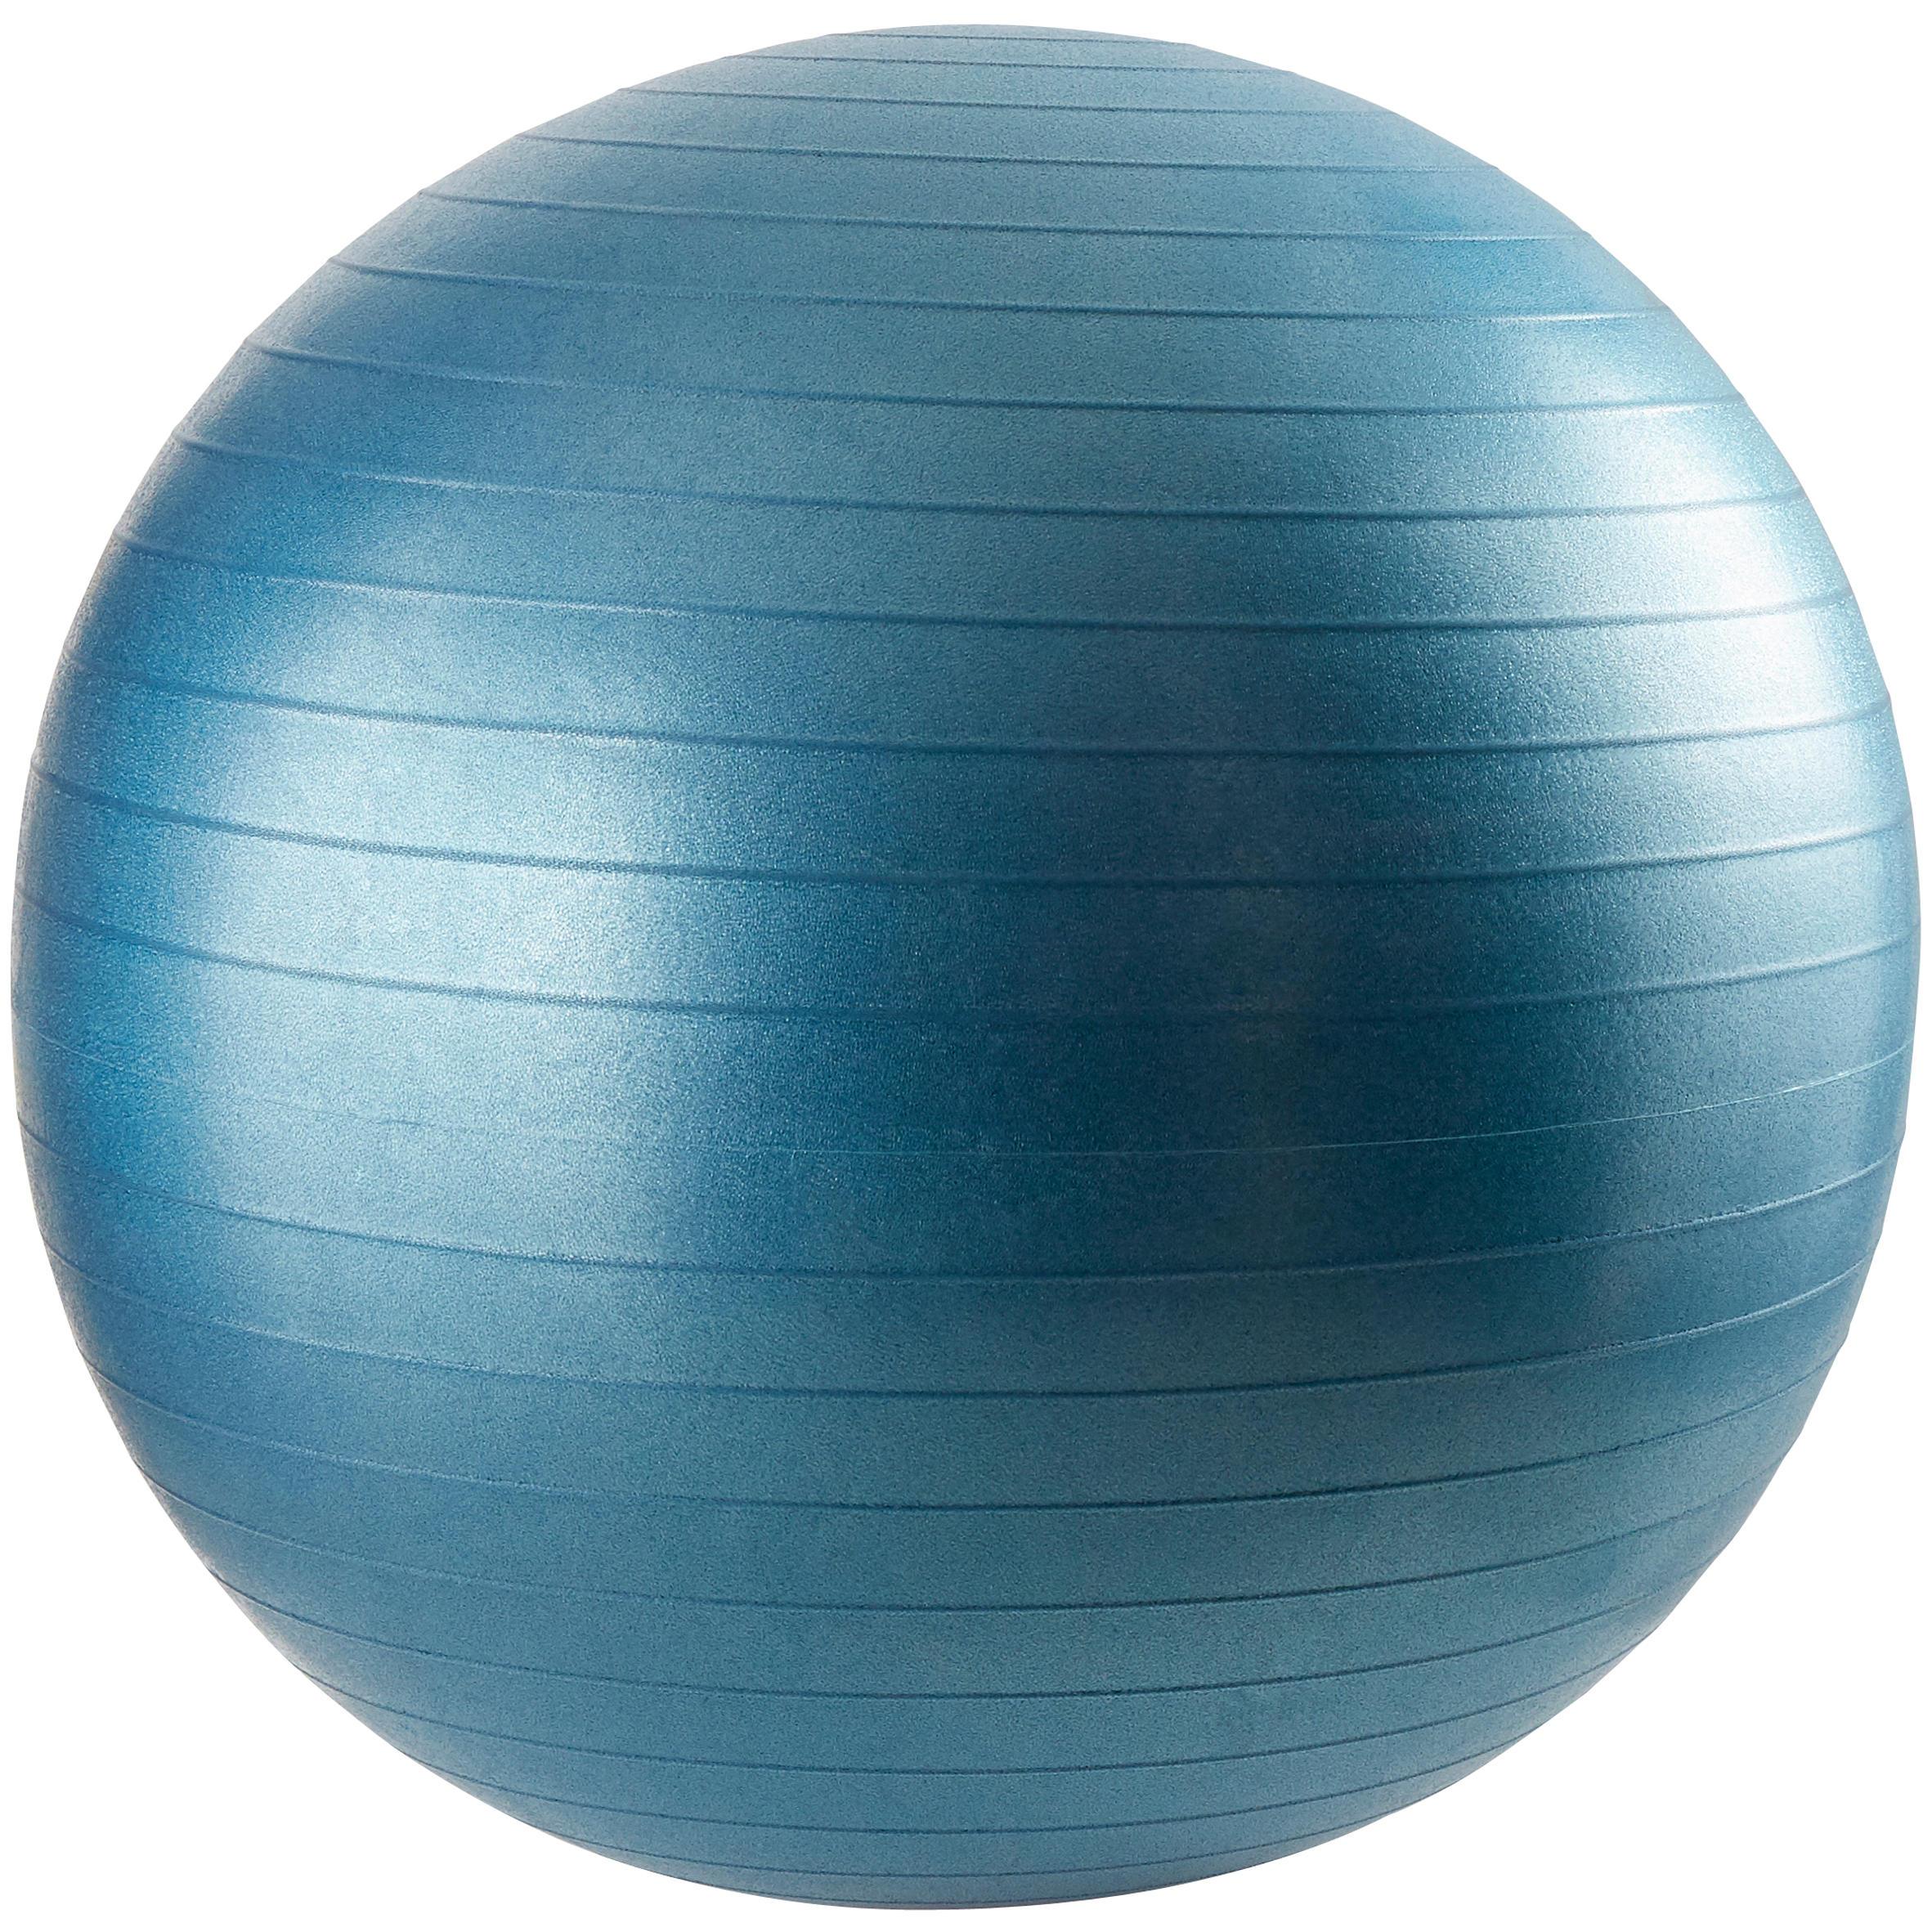 Comprar Fitball y Pelotas de Pilates Online  77d84777ef5f